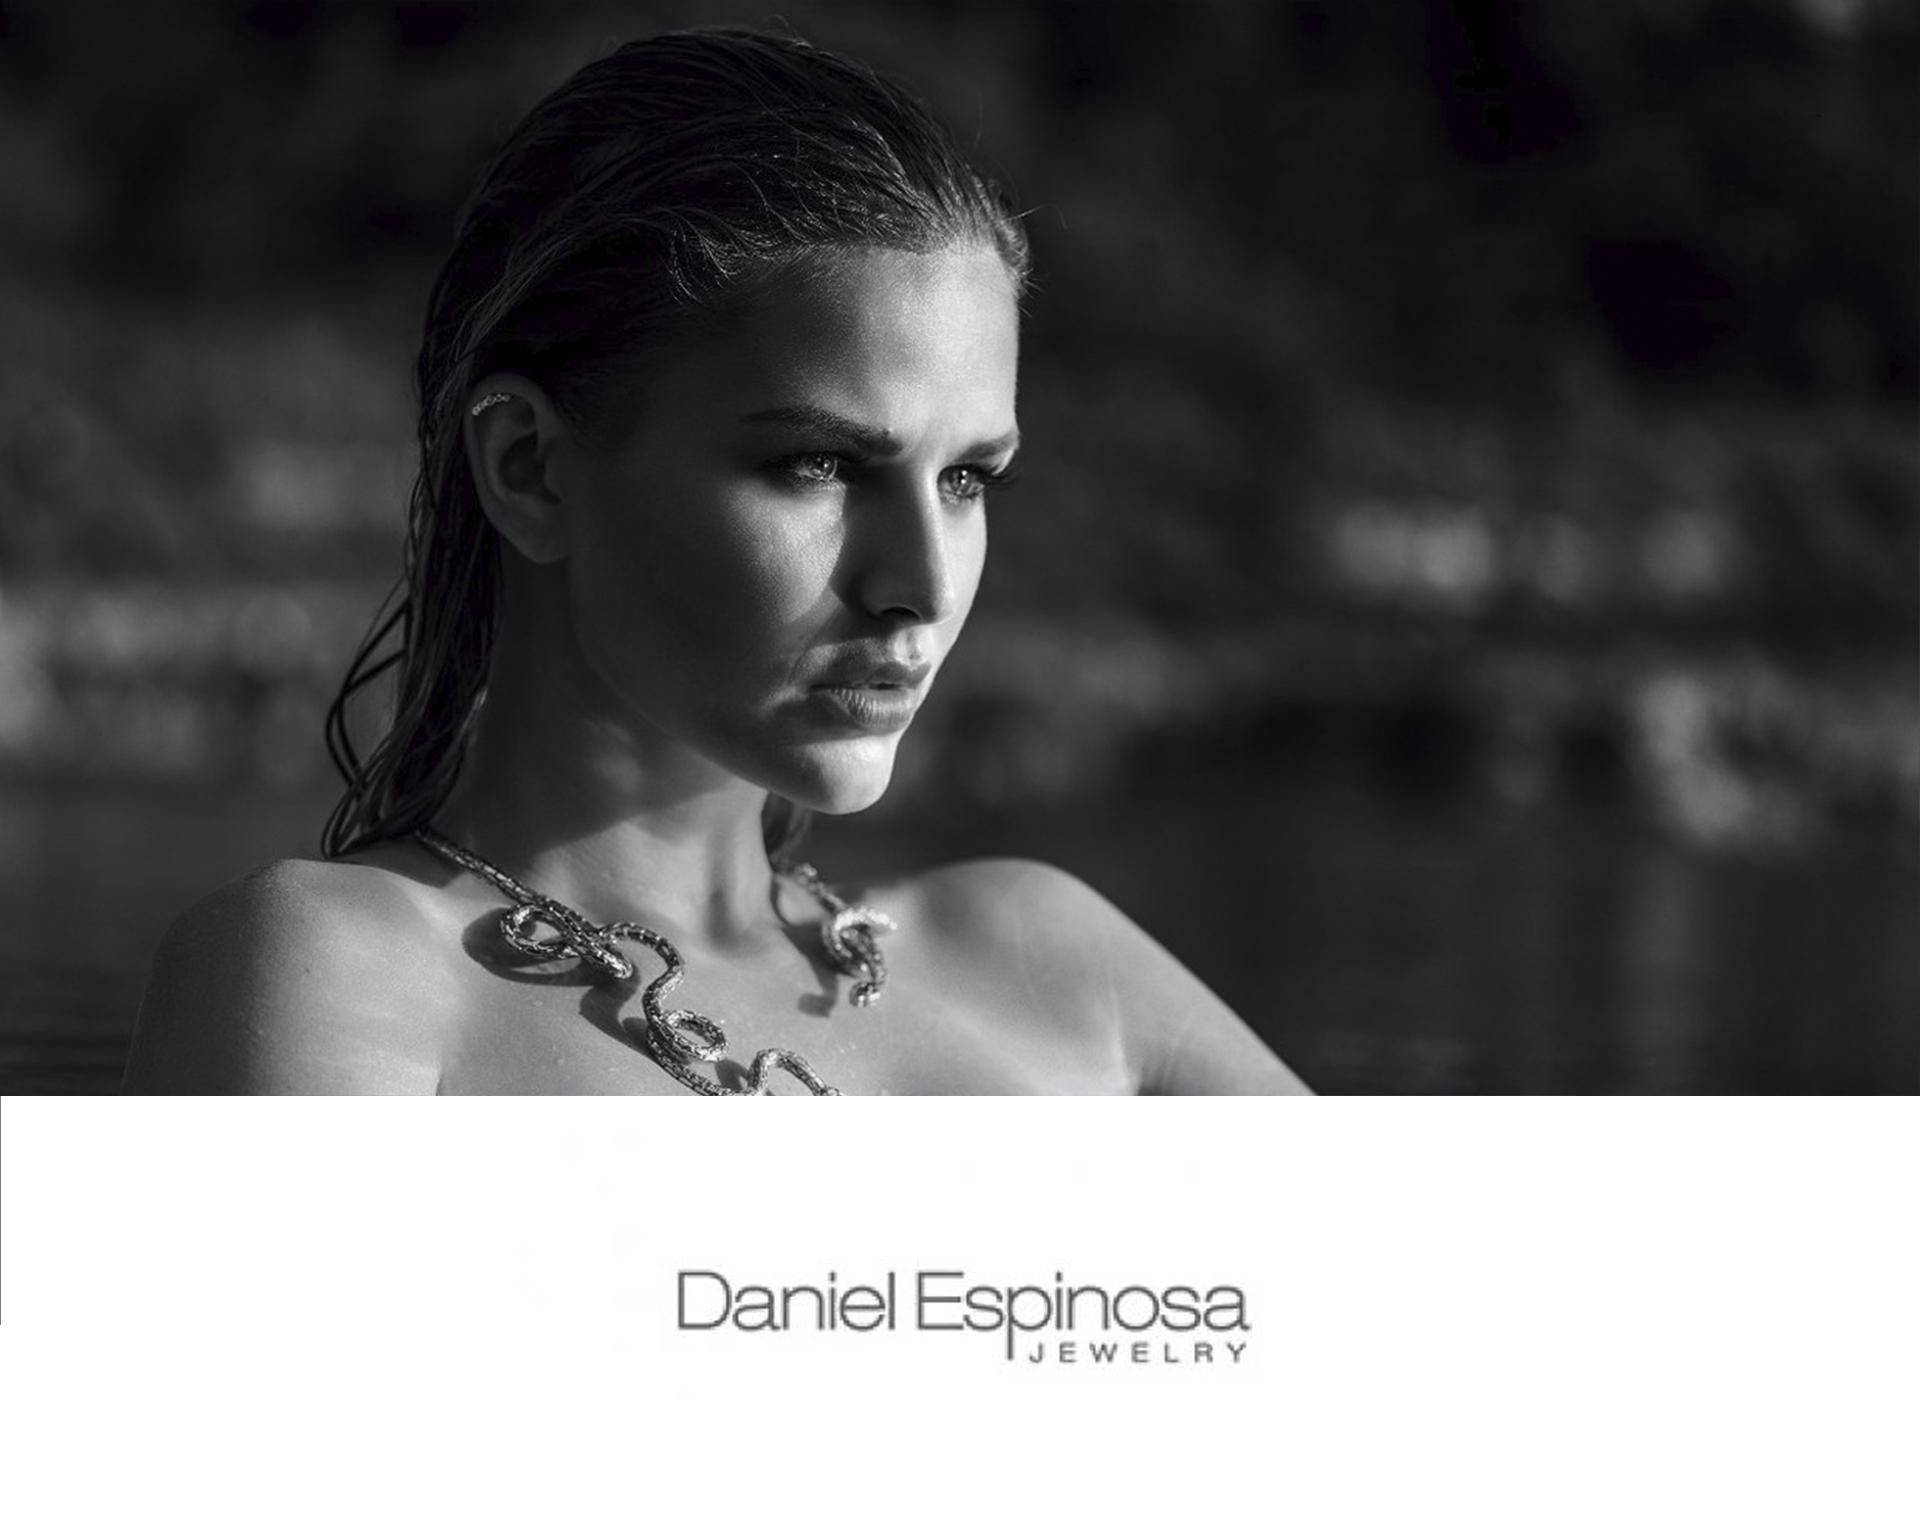 DanielEspinosa.jpg